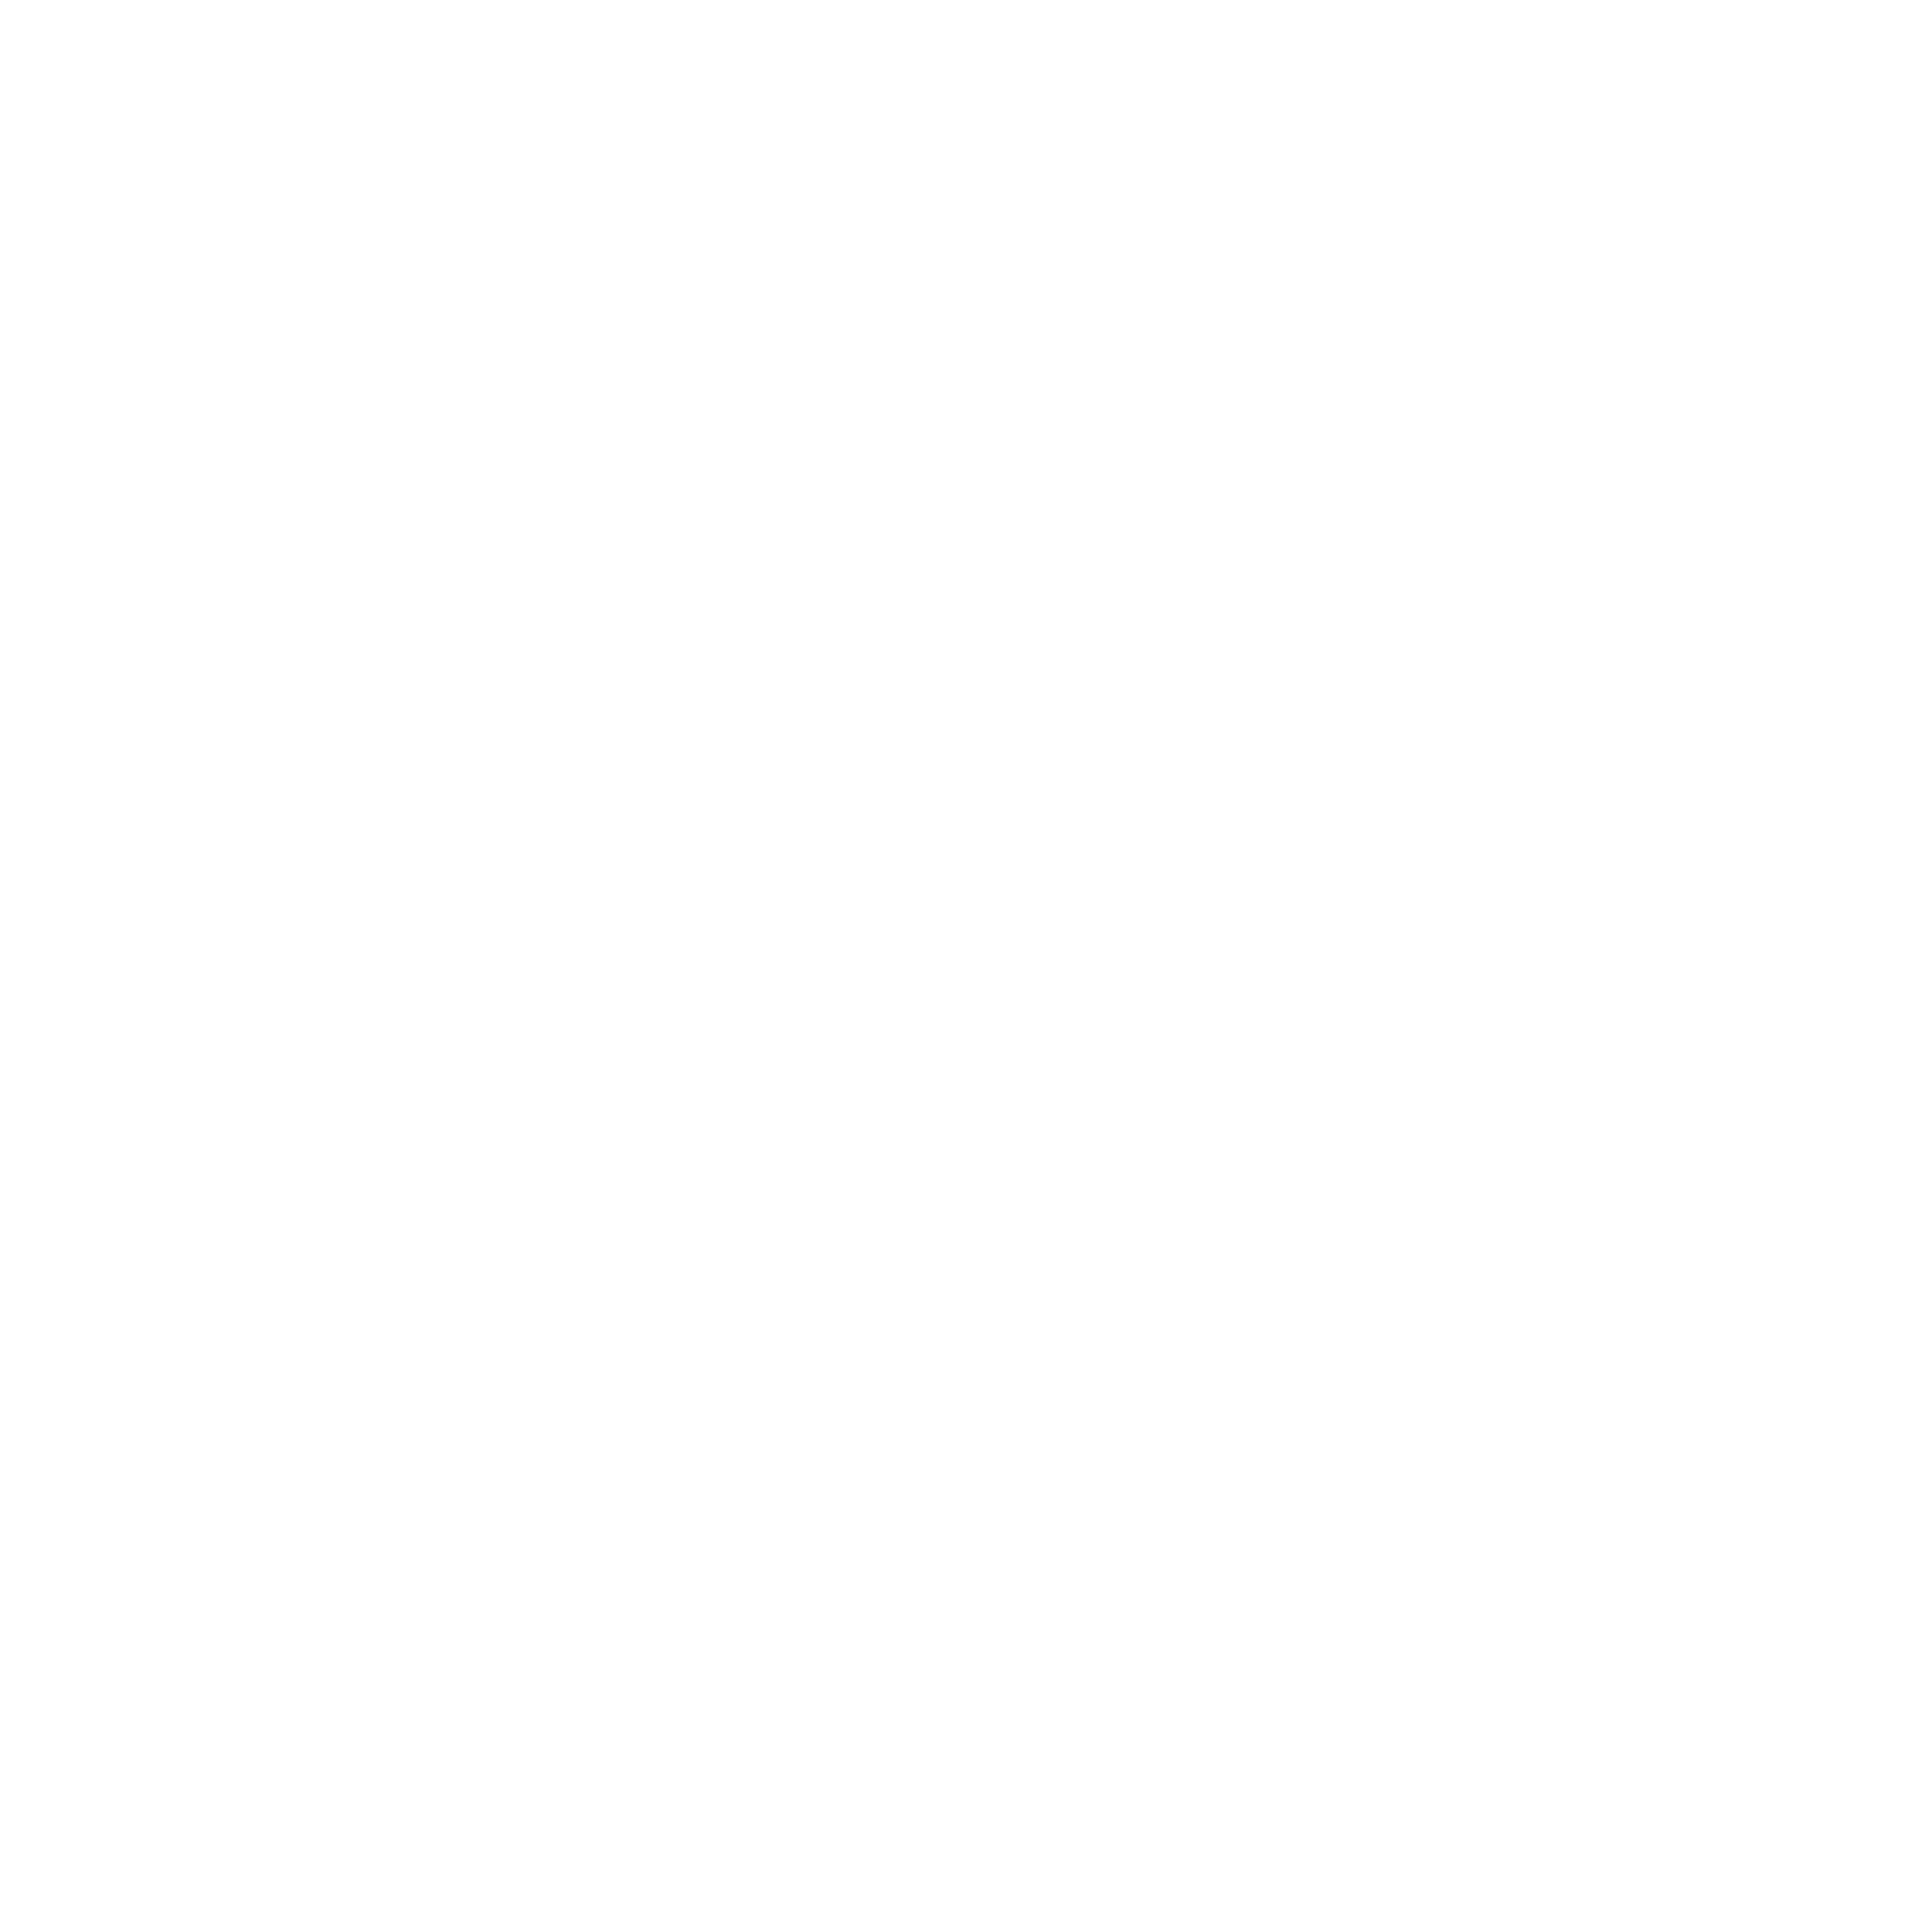 შპრიცი ინსულინის 1მლ.U-100